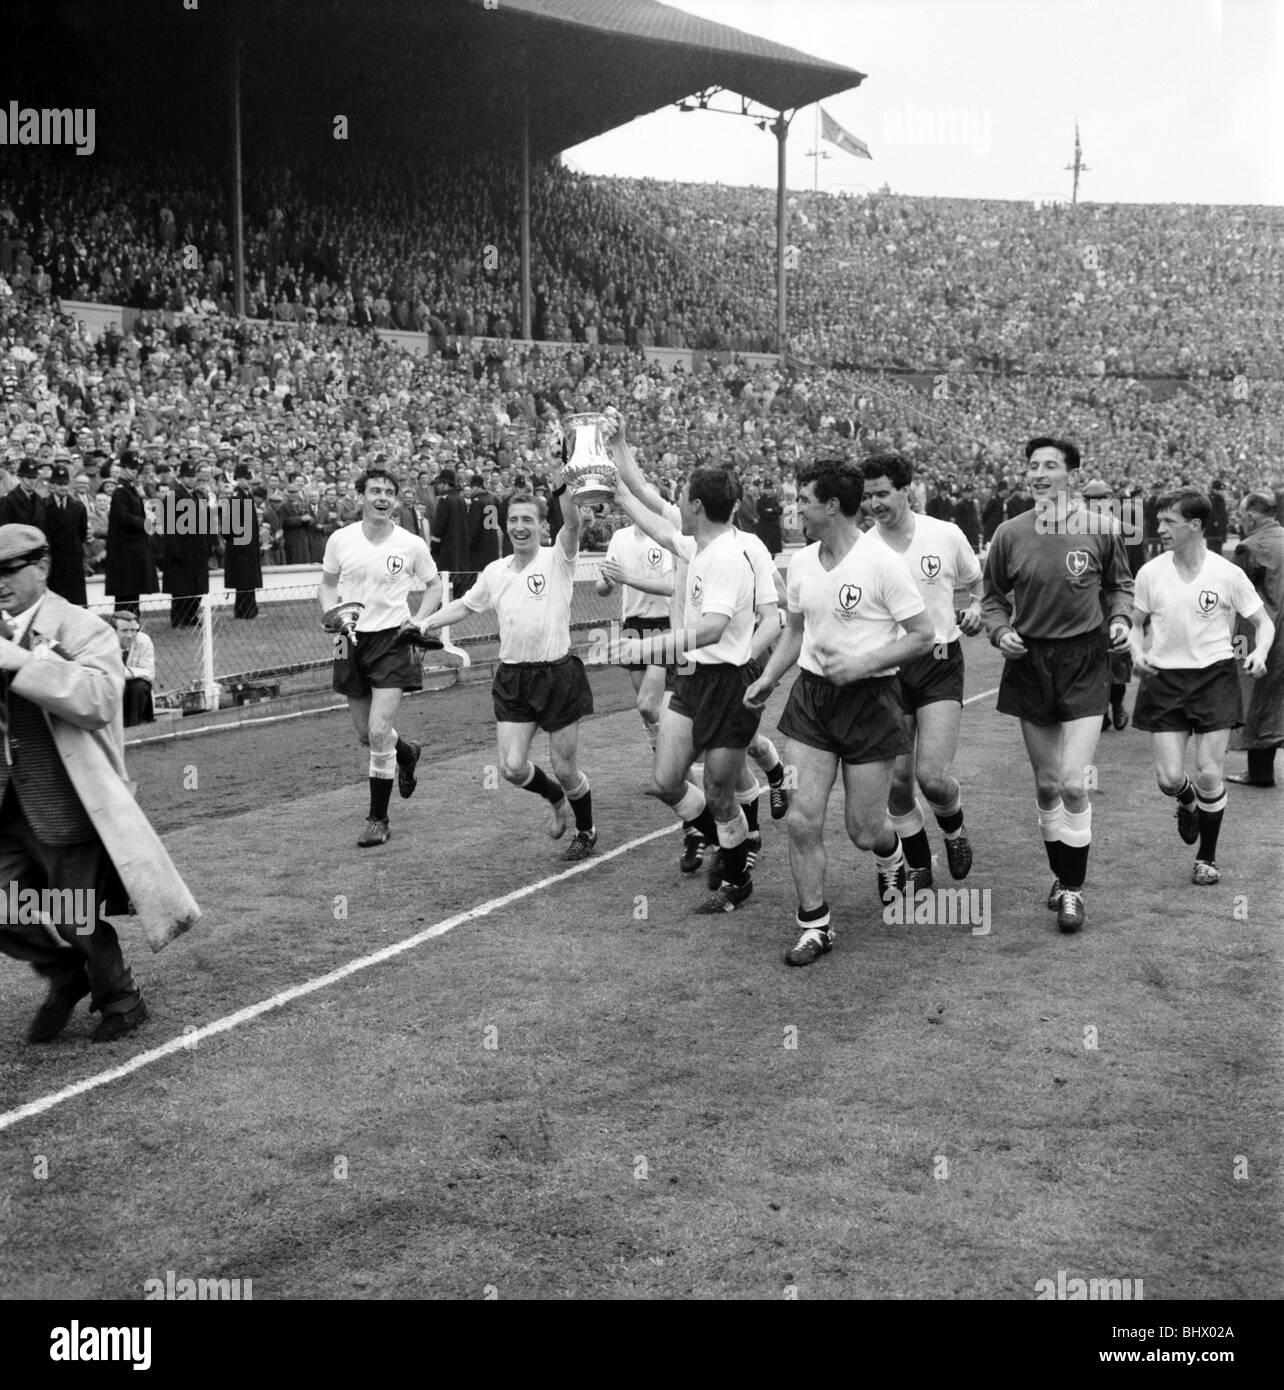 Tottenham Hotspur 1962 Stock Photos & Tottenham Hotspur